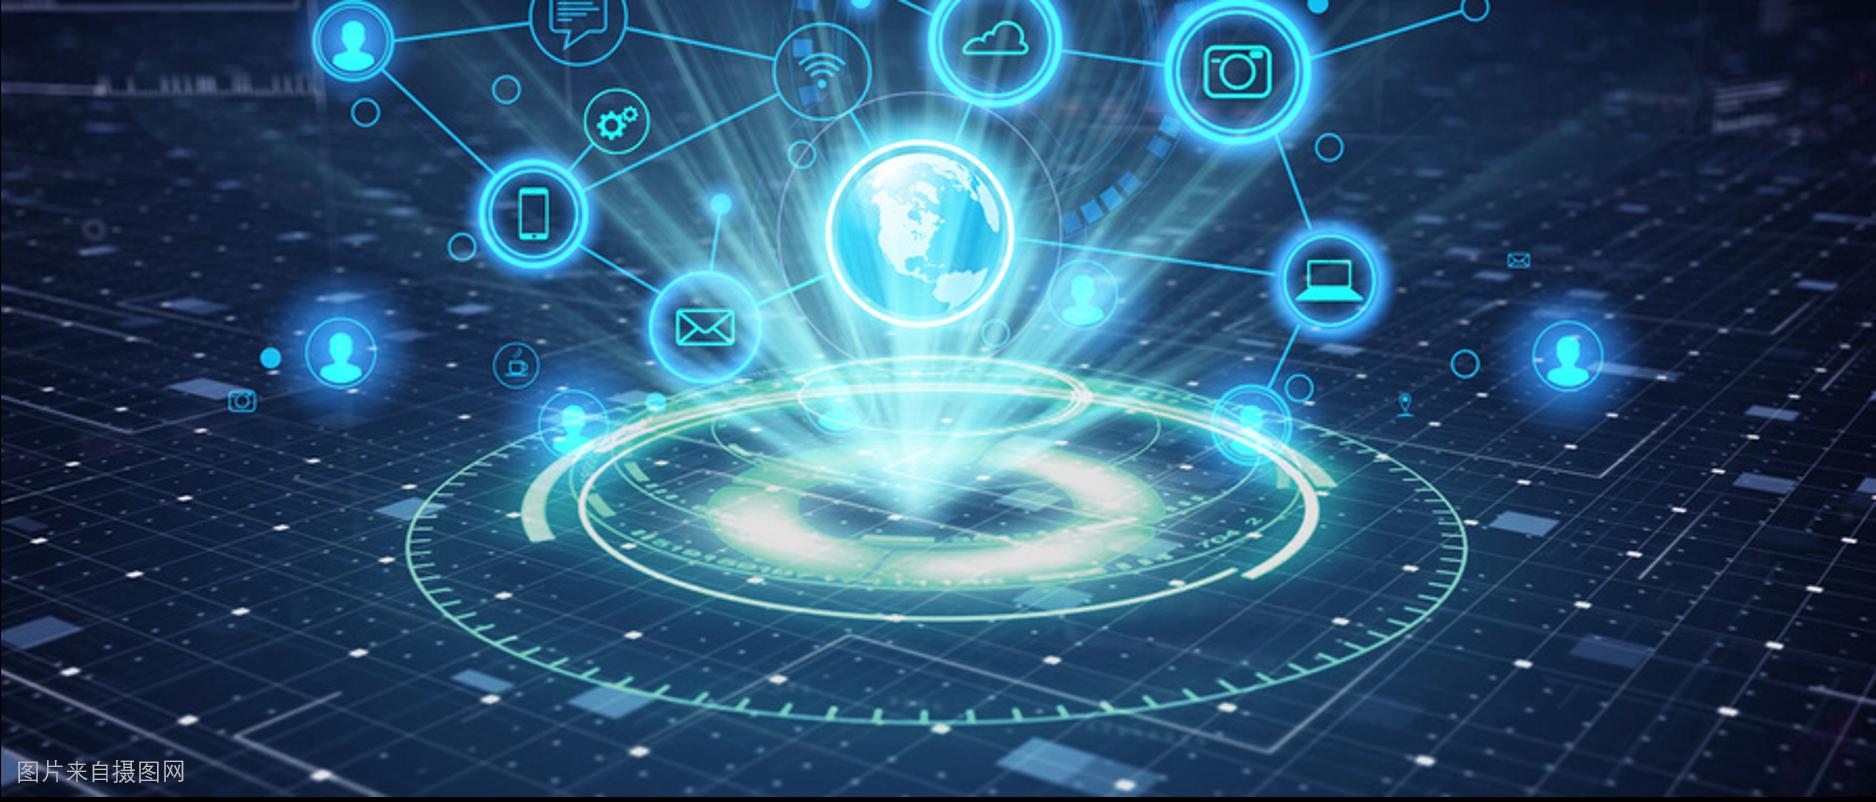 饮鹿网新兴产业数据-自动驾驶top5